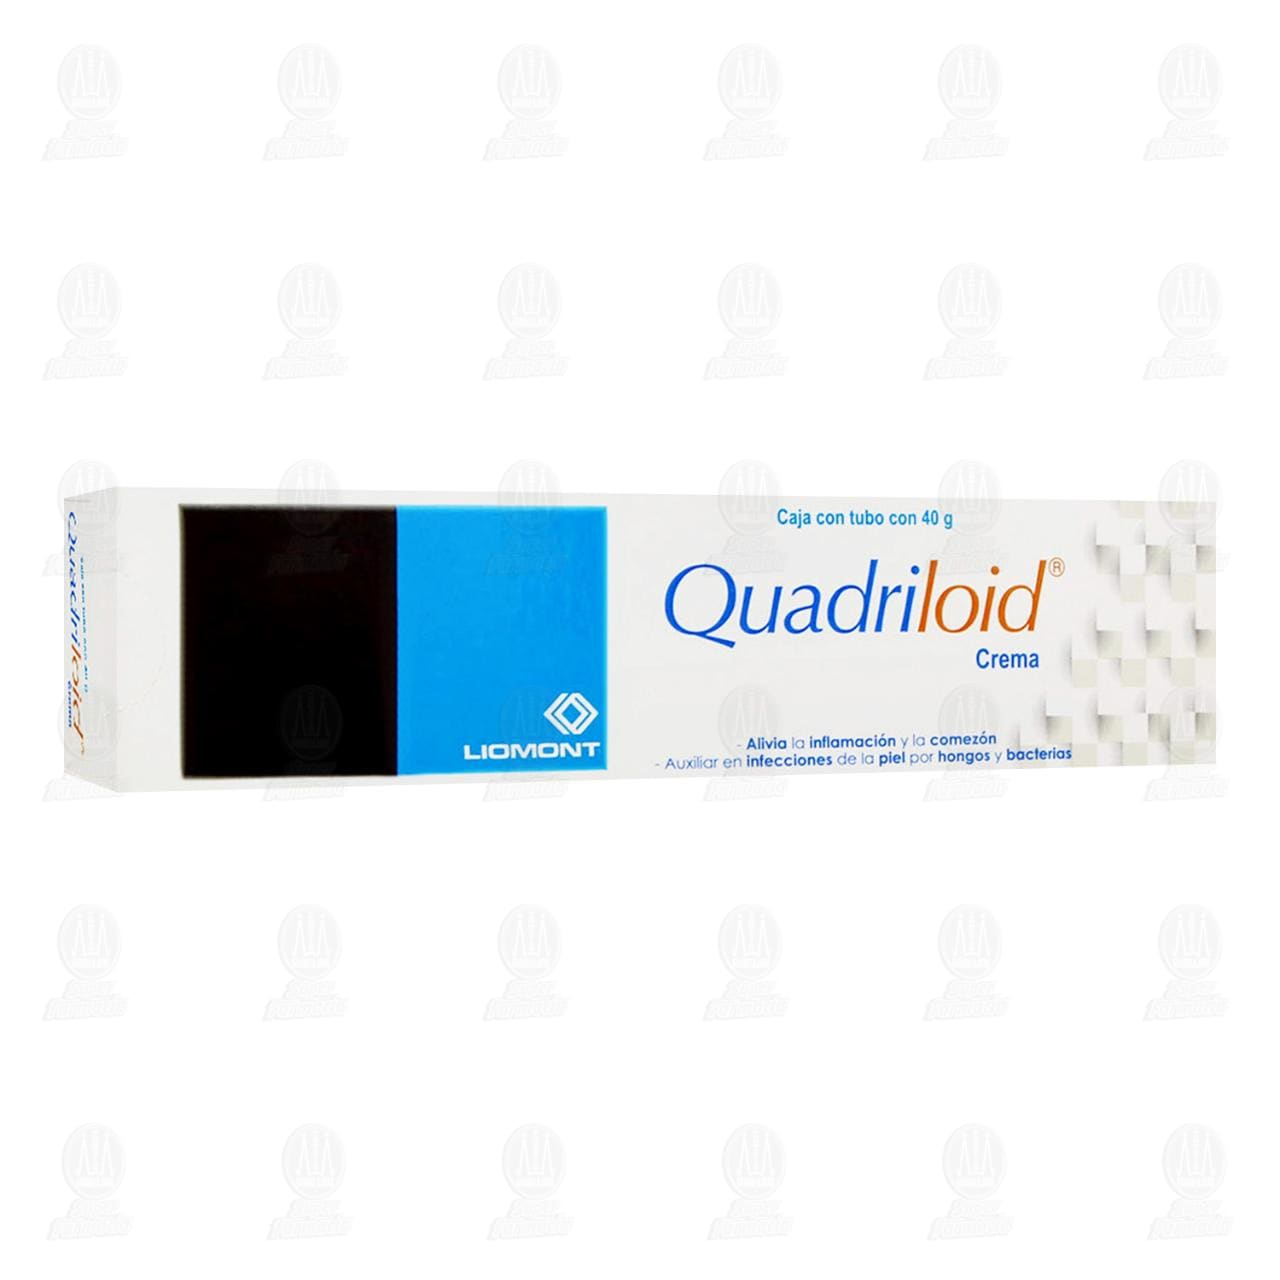 comprar https://www.movil.farmaciasguadalajara.com/wcsstore/FGCAS/wcs/products/1327658_A_1280_AL.jpg en farmacias guadalajara